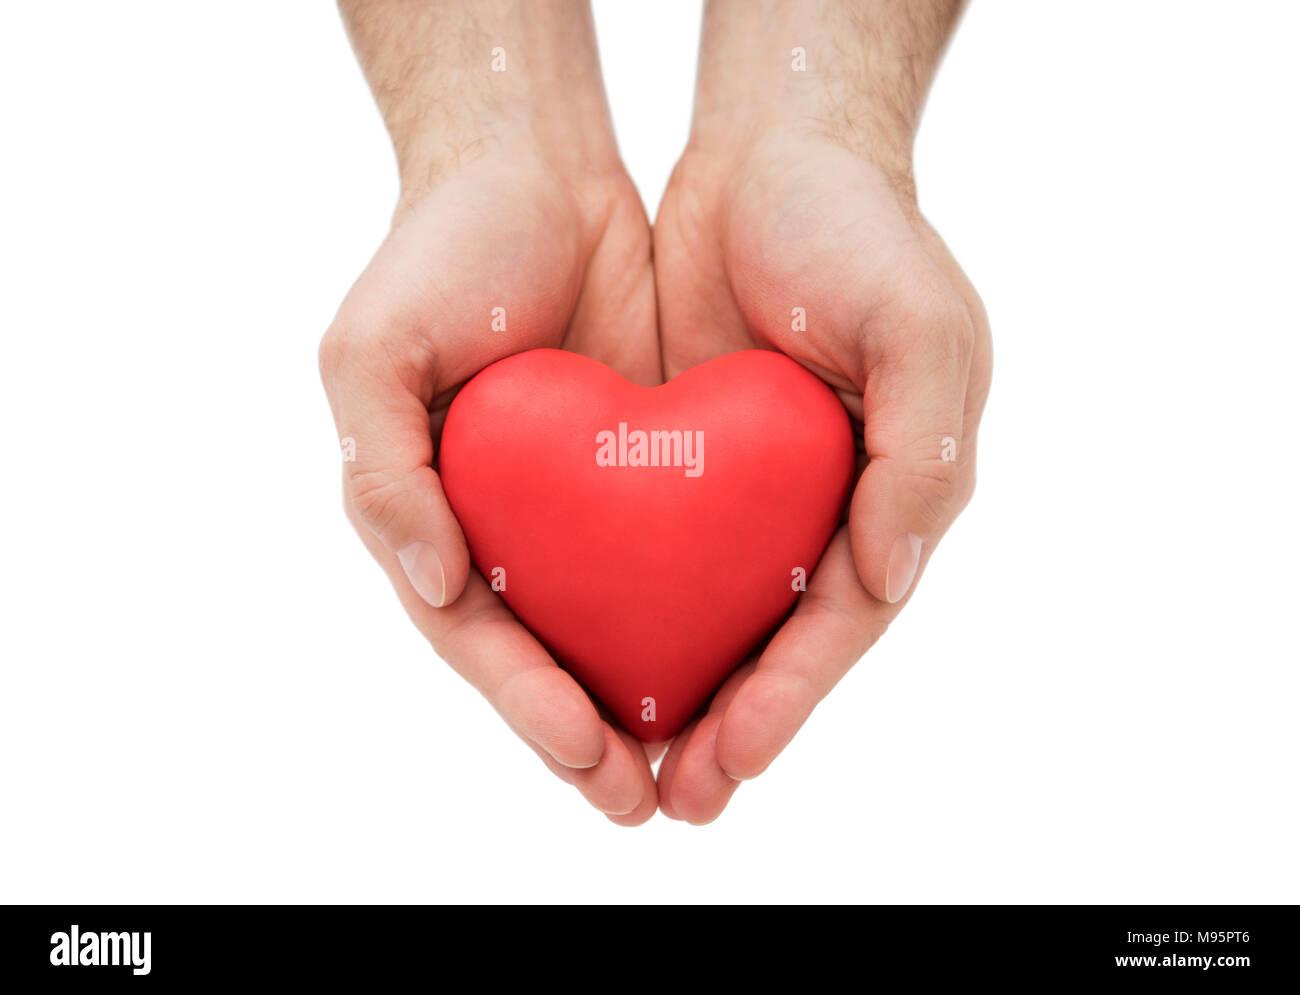 Cuore rosso nelle mani dell'uomo. Assicurazione sanitaria o concetto di amore Foto Stock